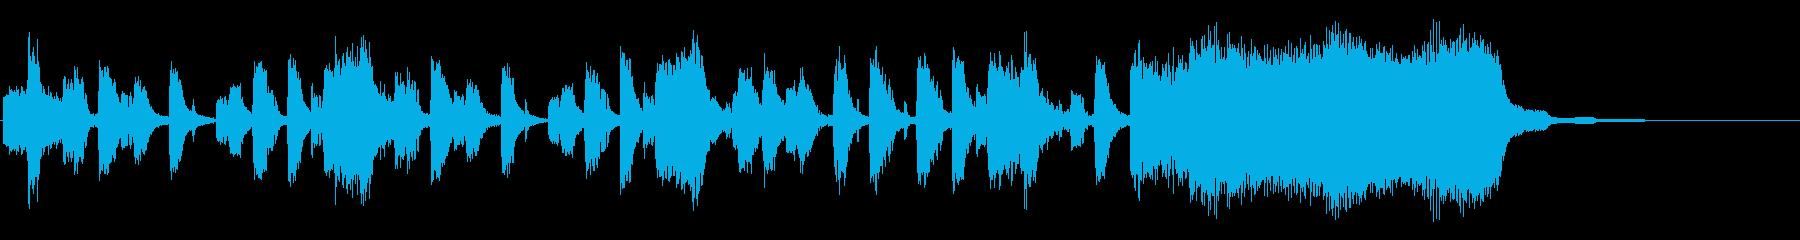 リズムが特徴的なシンセのジングルの再生済みの波形